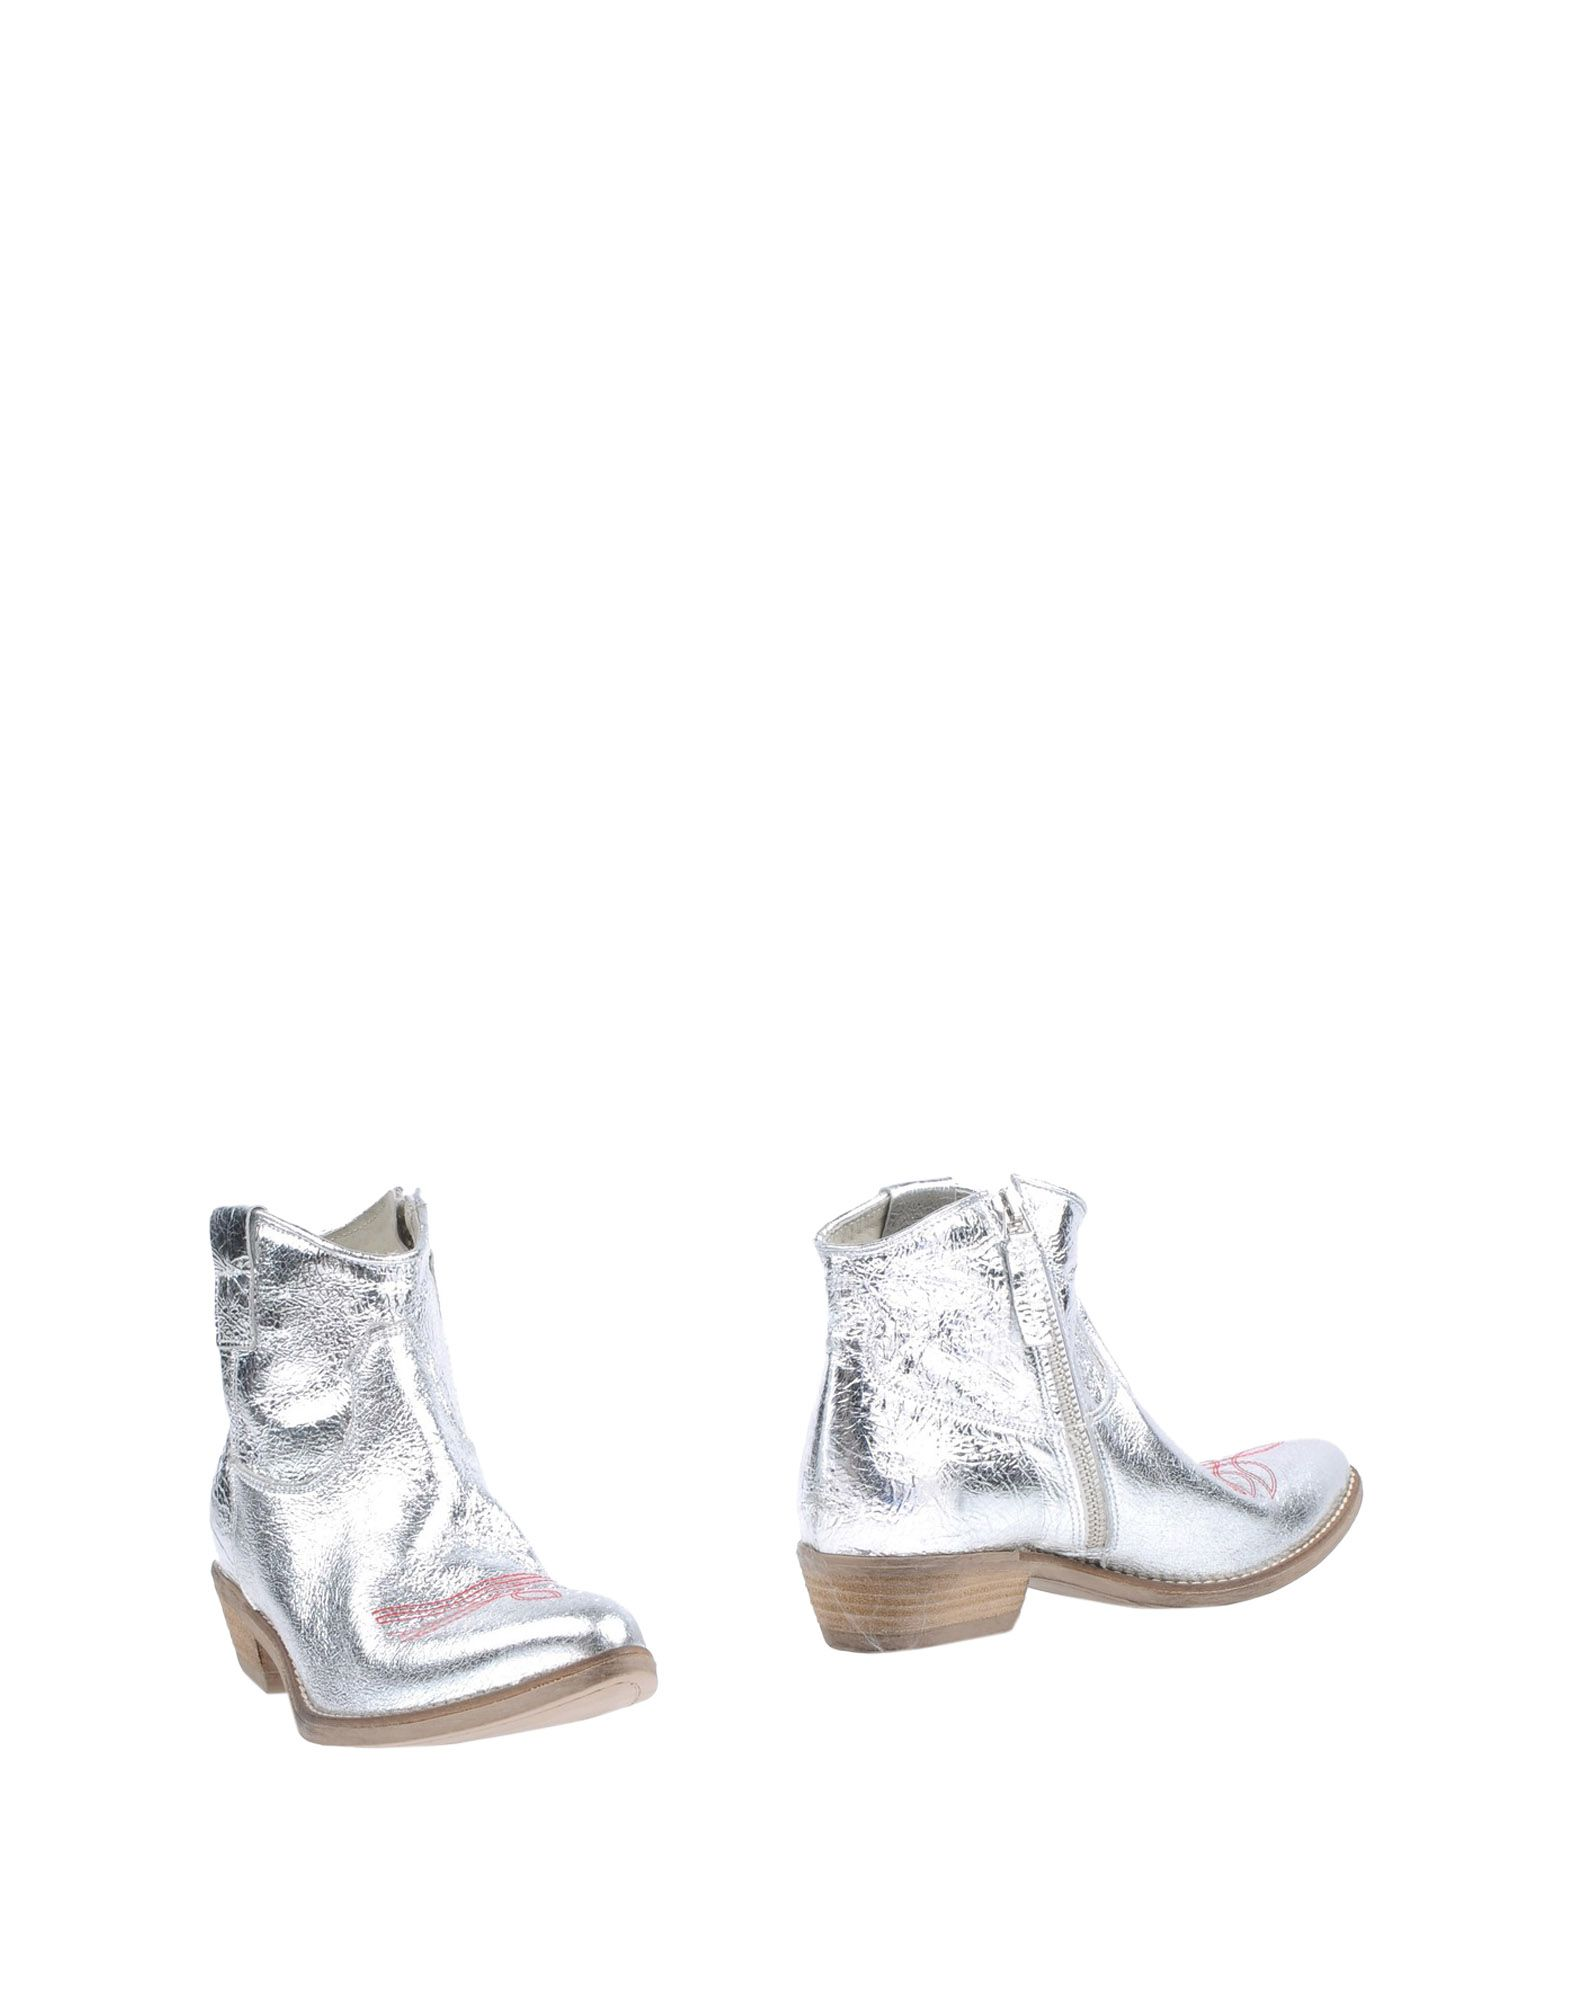 Ovye' By Cristina Lucchi Stiefelette Damen  11333127HI Gute Qualität beliebte Schuhe